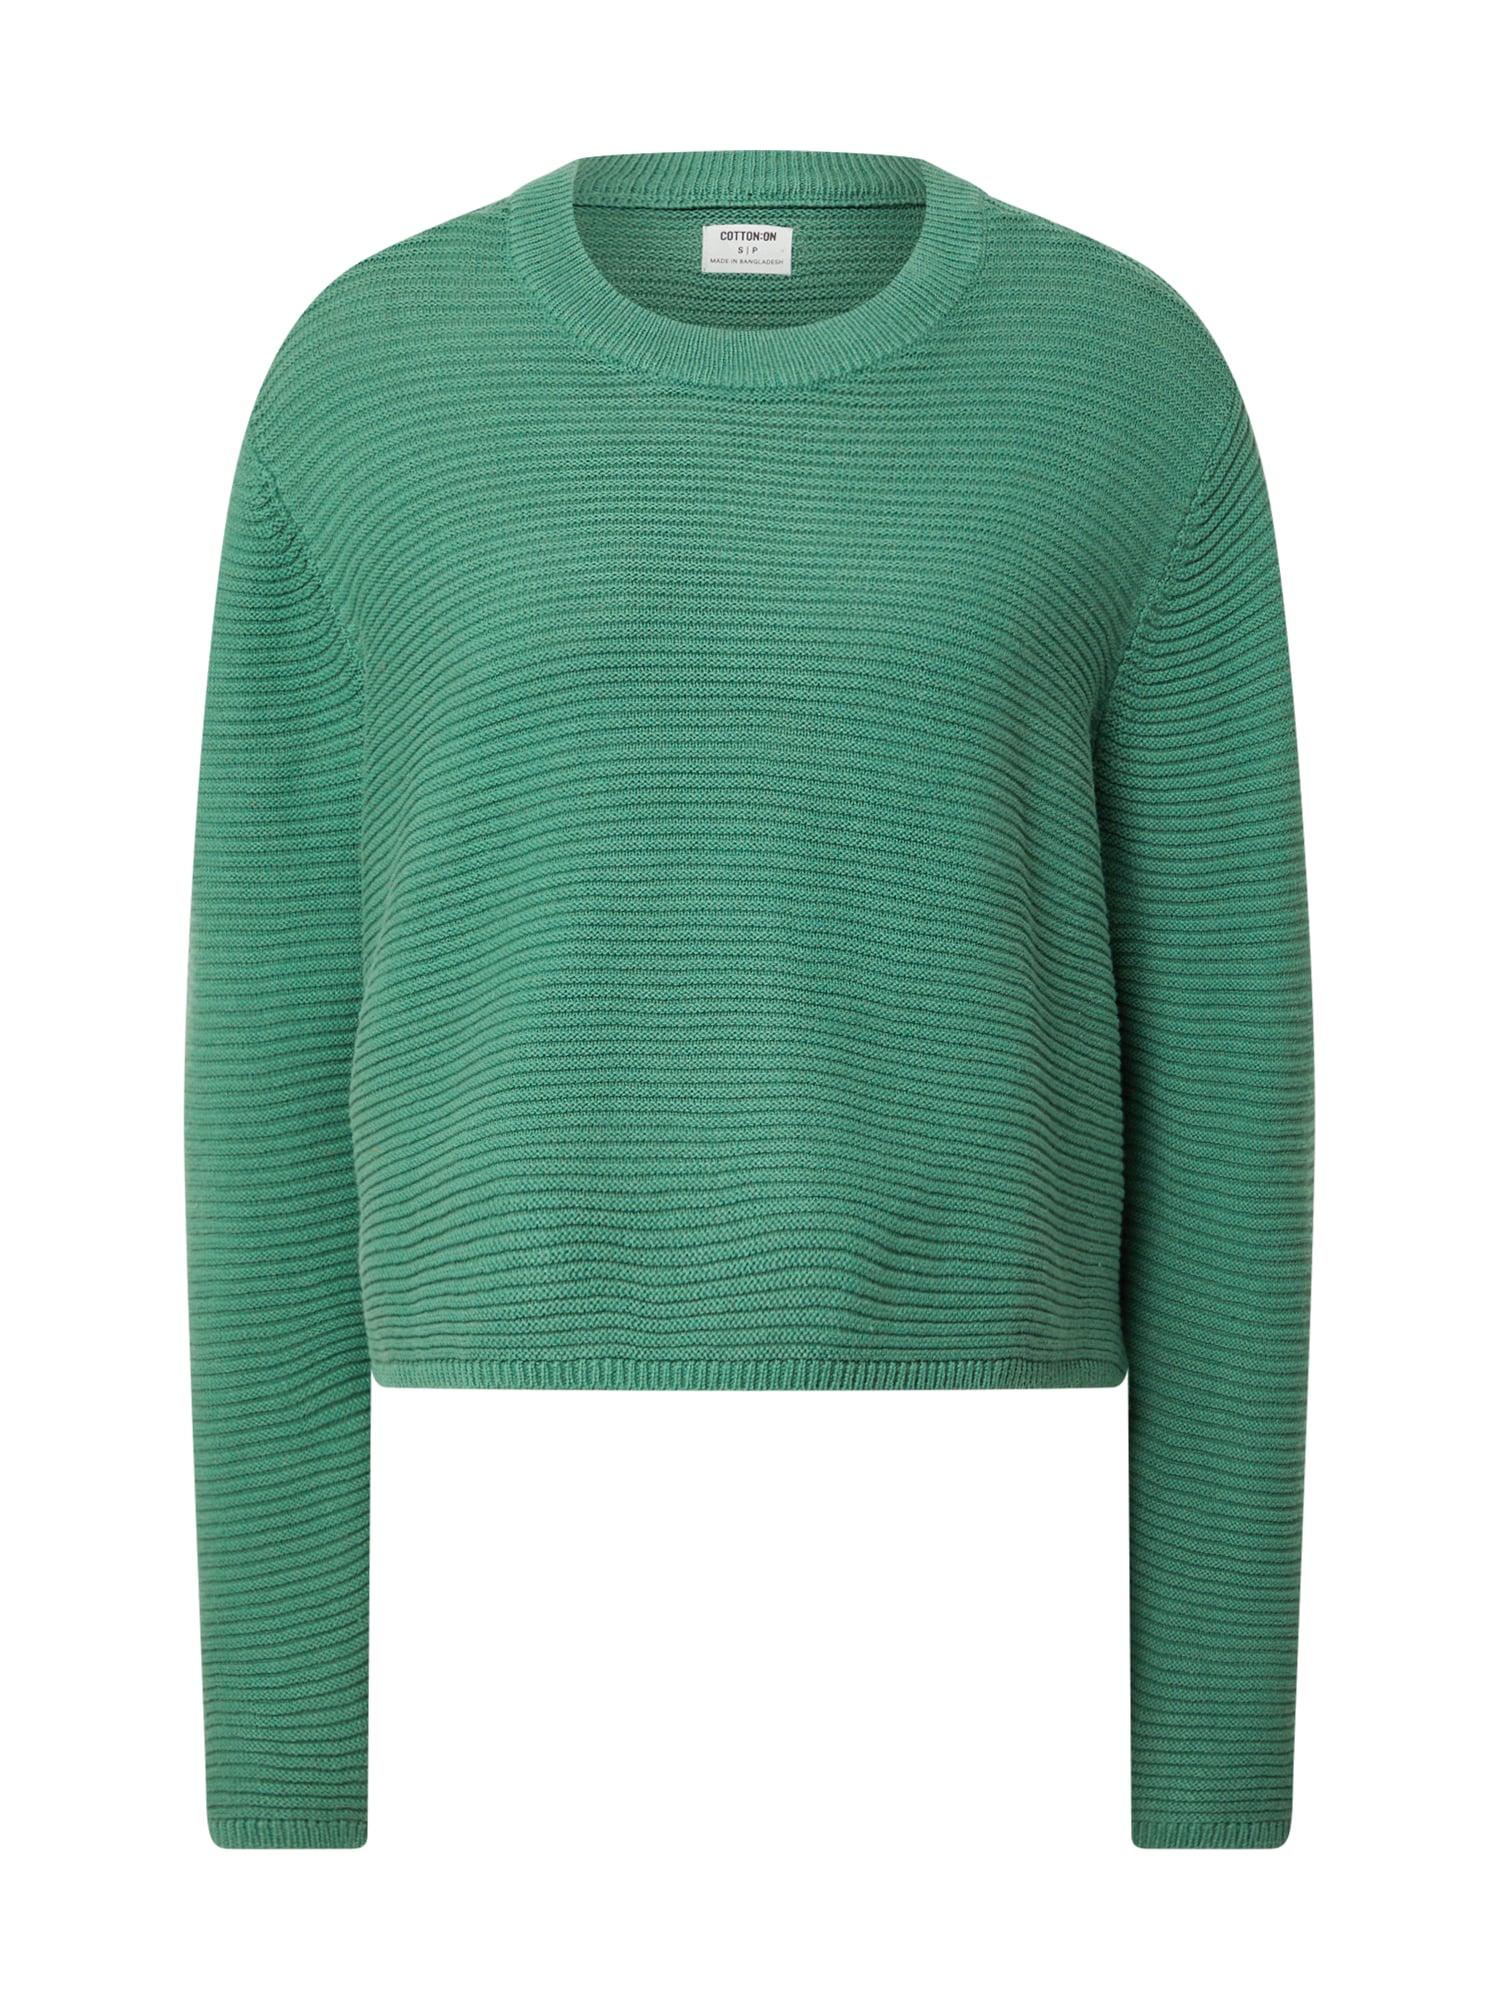 Cotton On Megztinis žalia